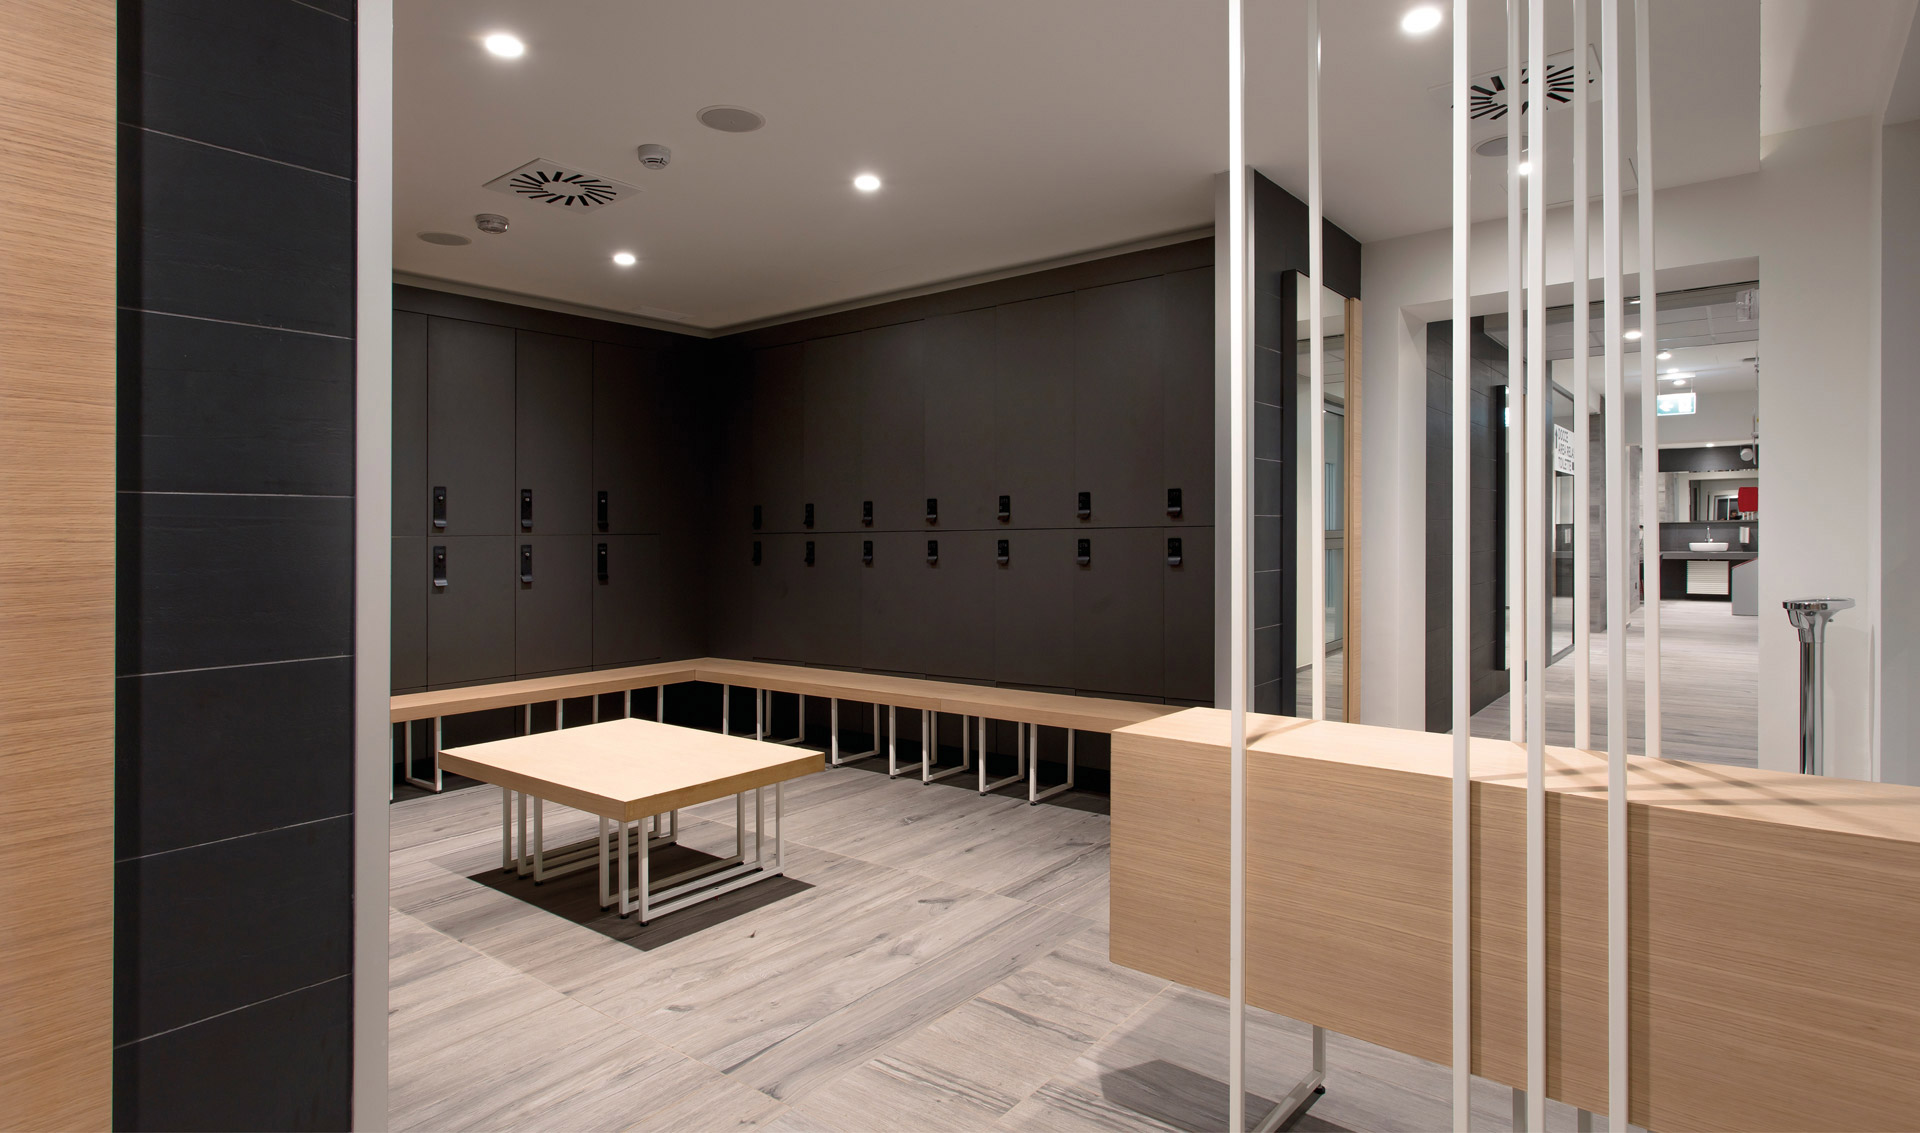 Specchi Per Palestra On Line fit interiors - arredamento per palestre, centri benessere